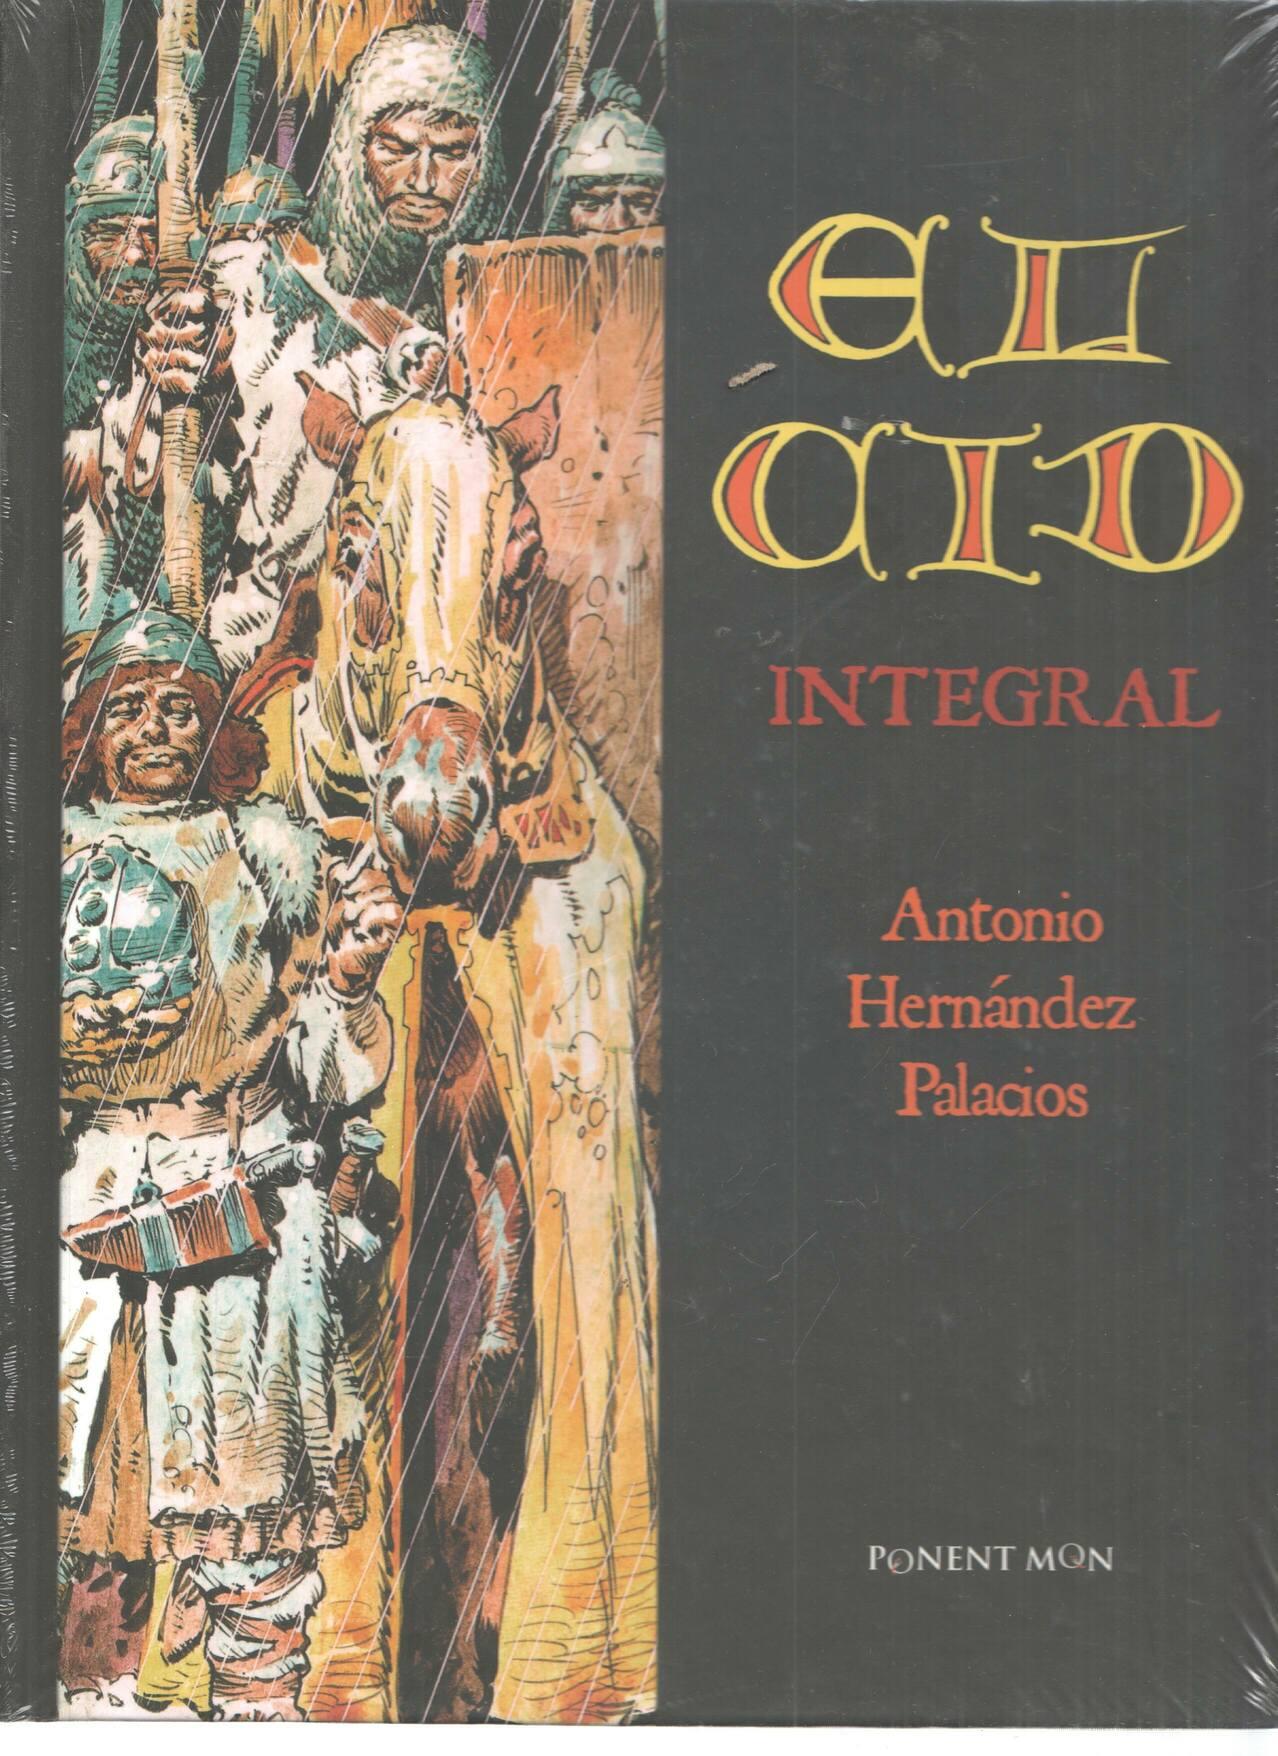 EL CID: INTEGRAL - Antonio Hernandez